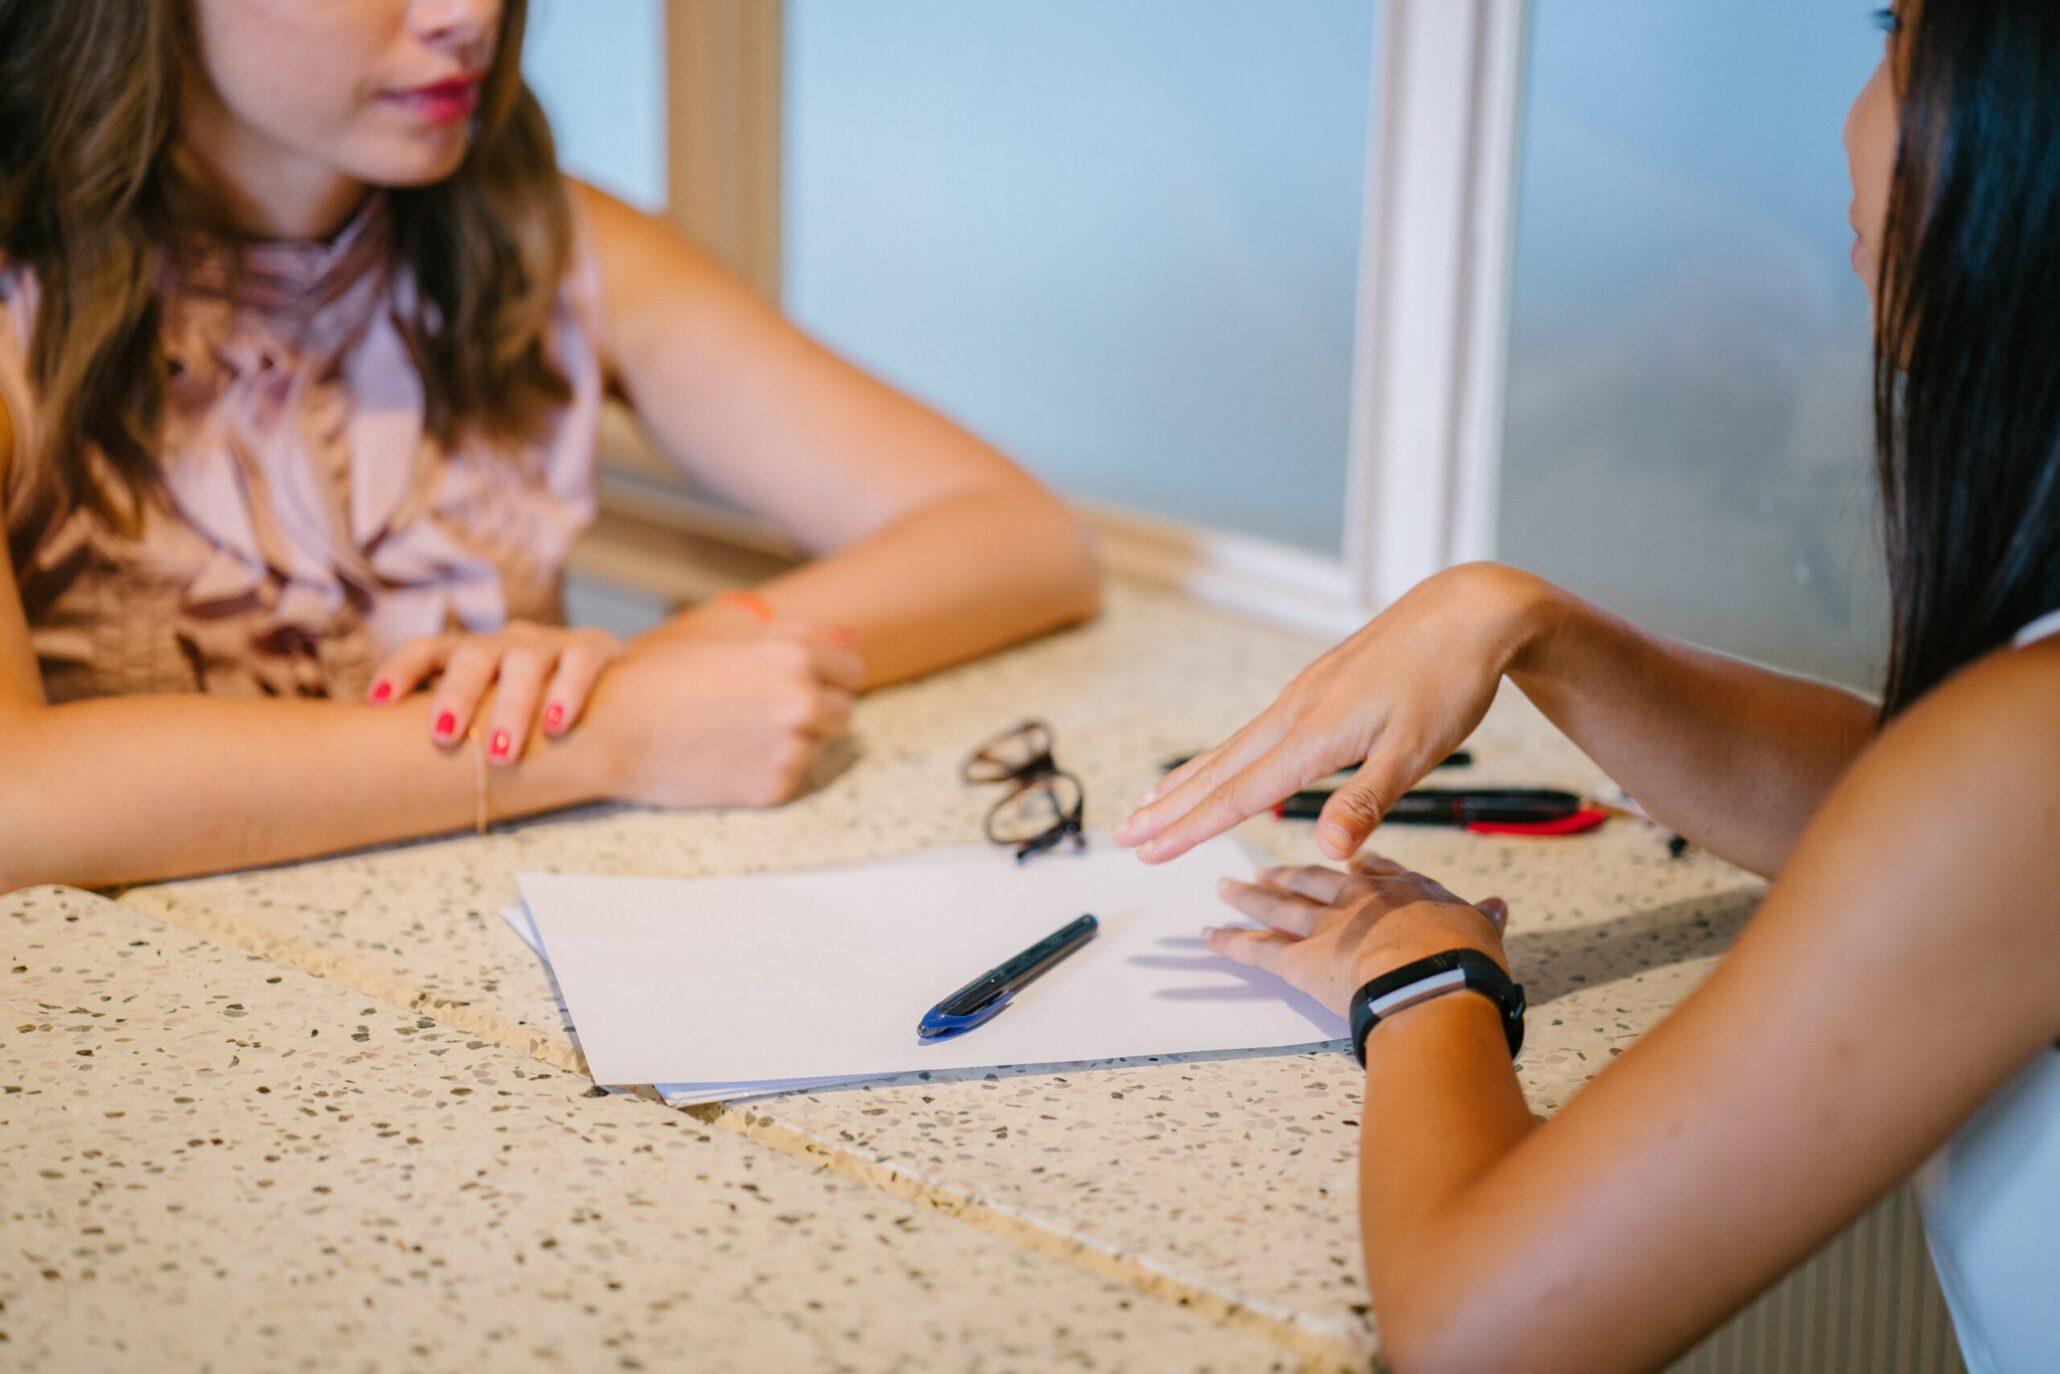 Therapeut die een intakegesprek voert - 2 dames